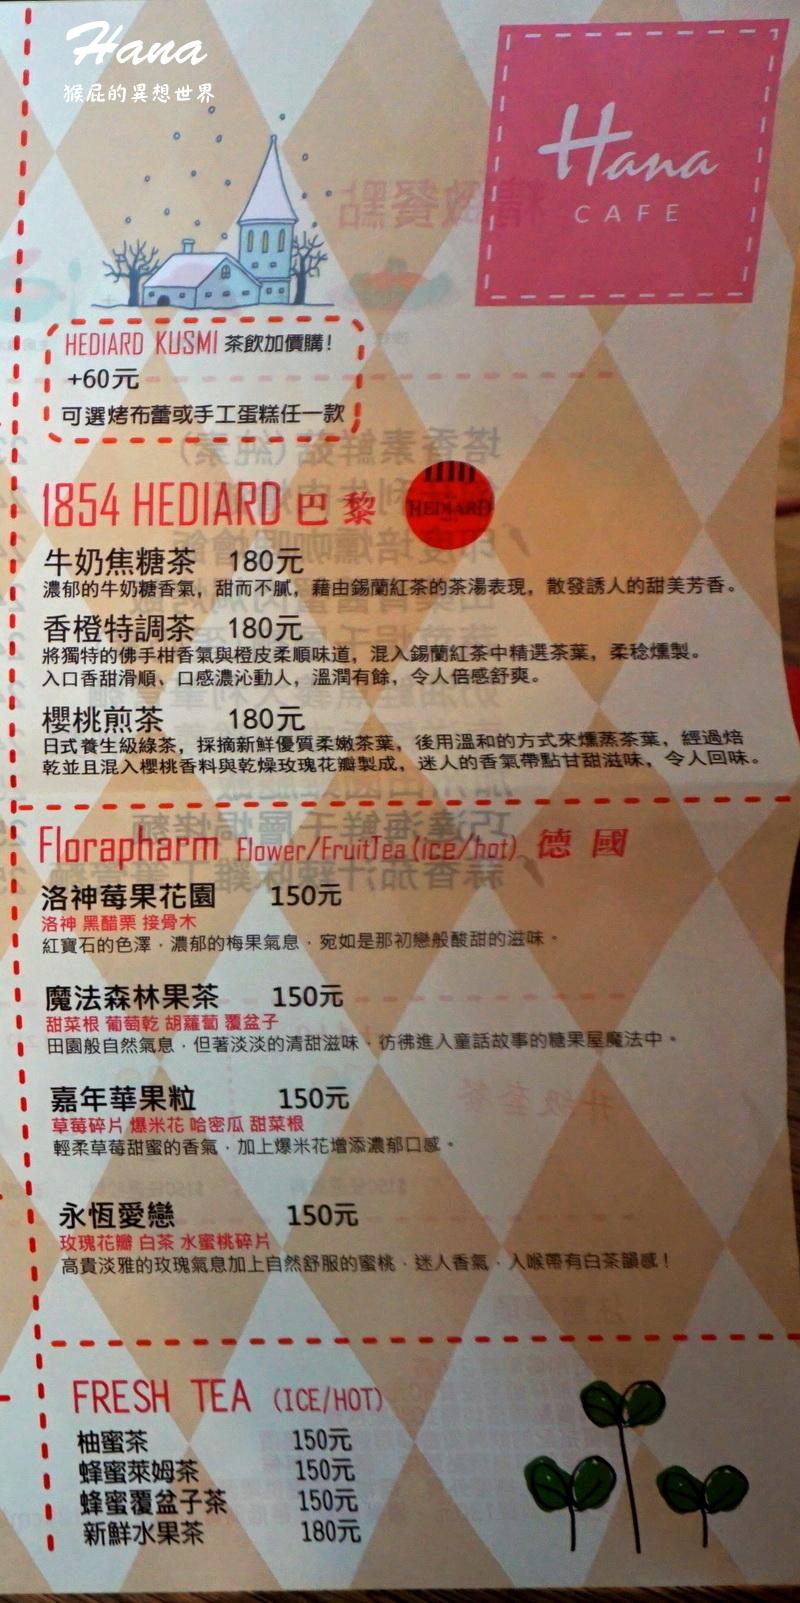 【新北板橋】板橋超人氣早午餐-Hana Cafe(板橋環球店)!去新北歡樂耶誕城可以去對面板橋車站二樓吃HANA!鄉村童話風環境超可愛!早午餐、下午餐都適合!捷運板橋站!(板橋餐廳推薦、板橋早午餐推薦、台北早午餐) @猴屁的異想世界